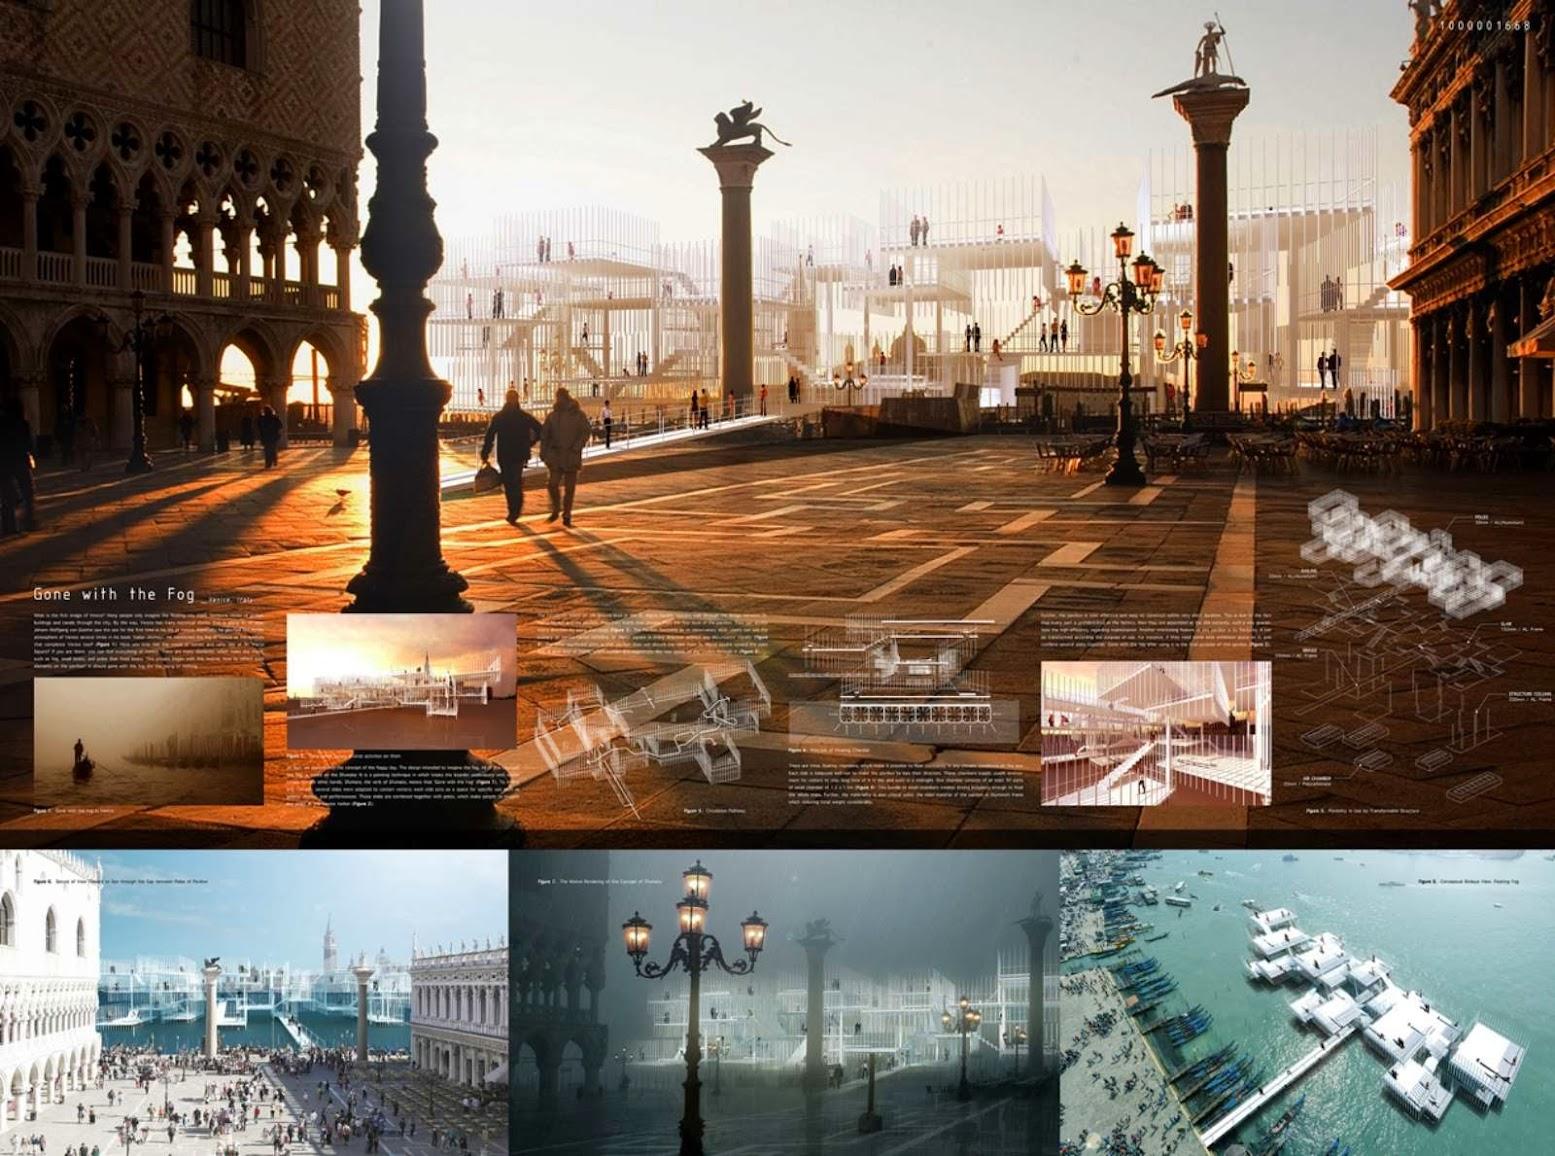 Campanile di San Marco, Piazza San Marco, 30124 Venezia, Italia: [ARCHTRIUMPH VENICE BIENNALE PAVILION 2013 COMPETITION WINNERS]